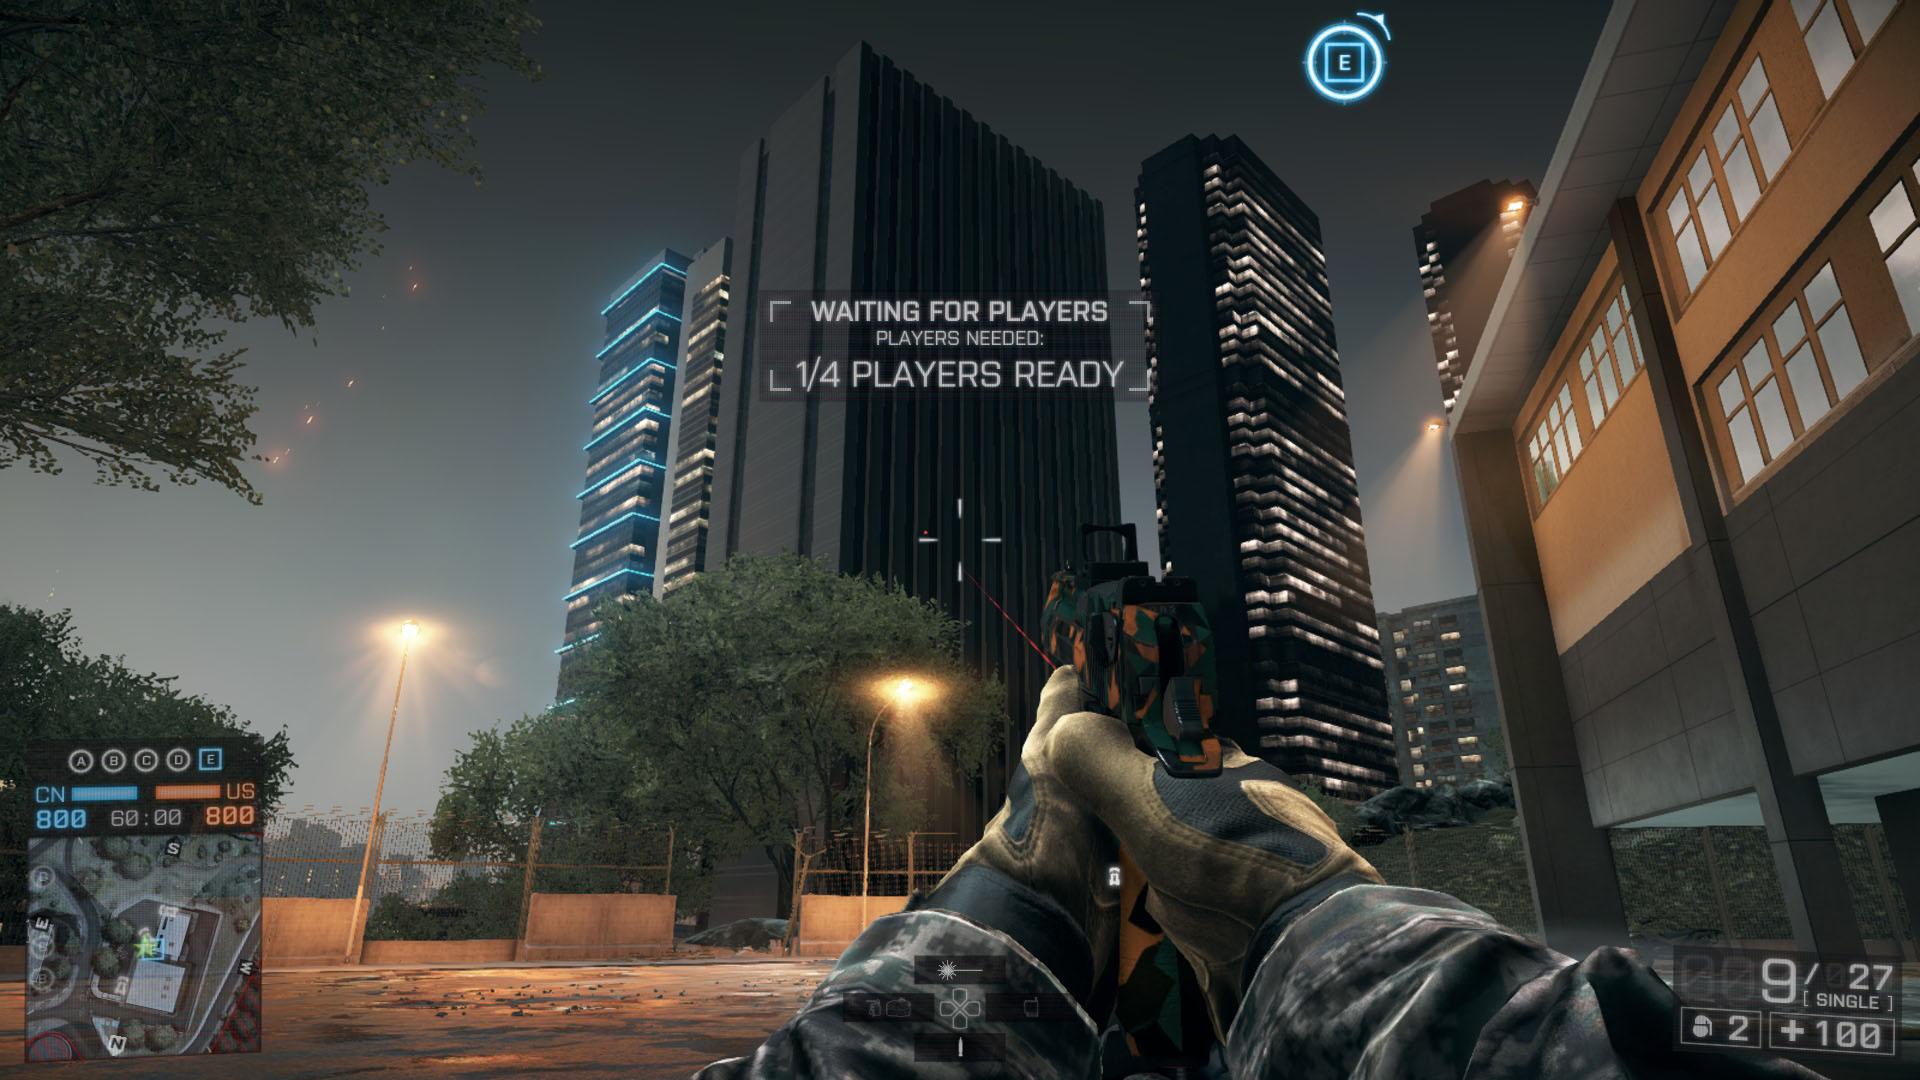 Building From E Flag (Battlefield 4 easter egg)